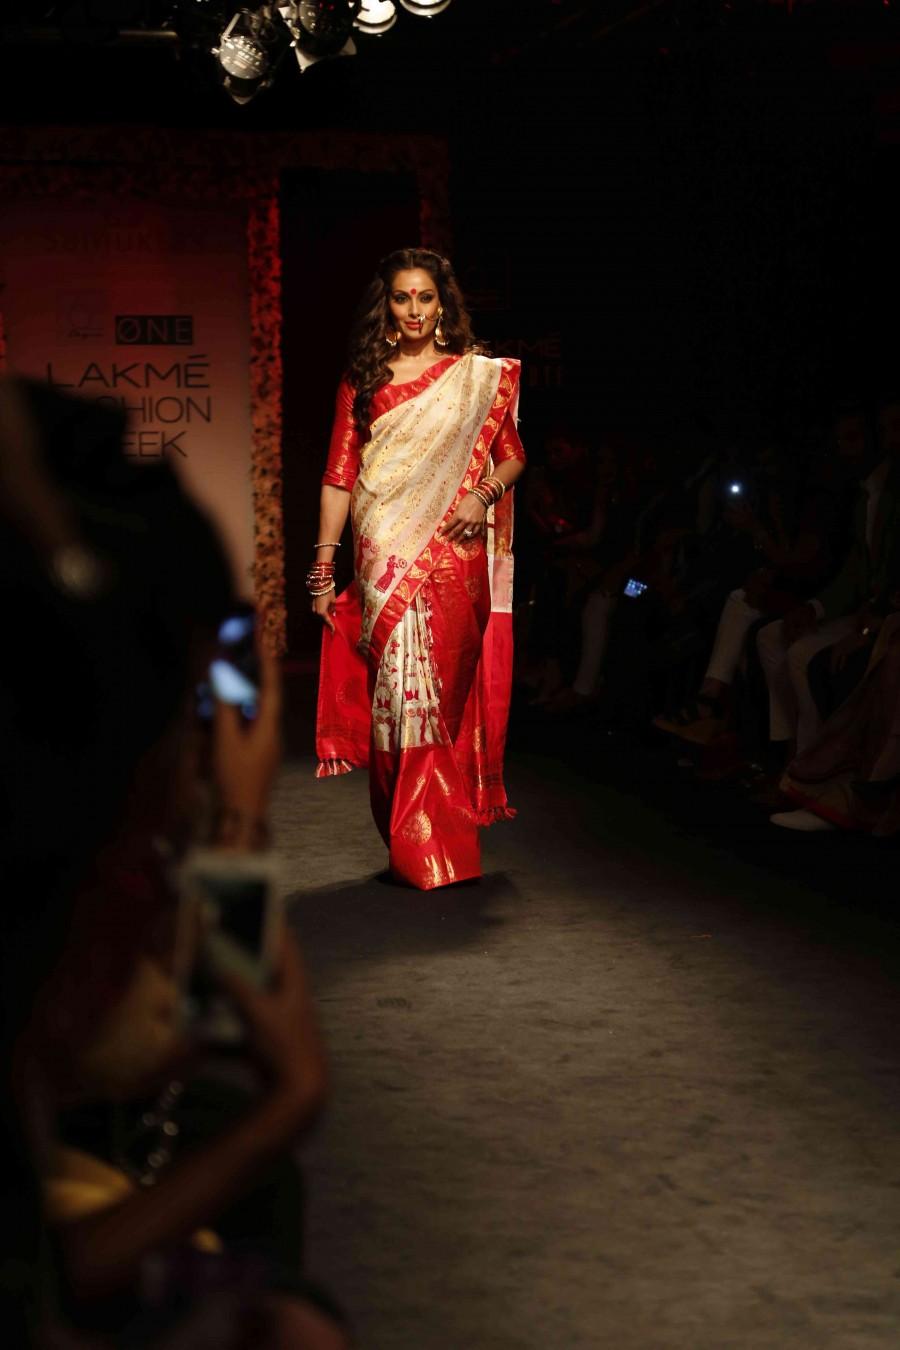 Bipasha Basu at Lakme Fashion Week,Bipasha Basu at Lakme Fashion Week 2016,Bipasha Basu ramp walk,Bipasha Basu pics,Bipasha Basu images,Bipasha Basu photos,Bipasha Basu stills,Bipasha Basu pictures,Lakme Fashion Week 2016,Lakme Fashion Week